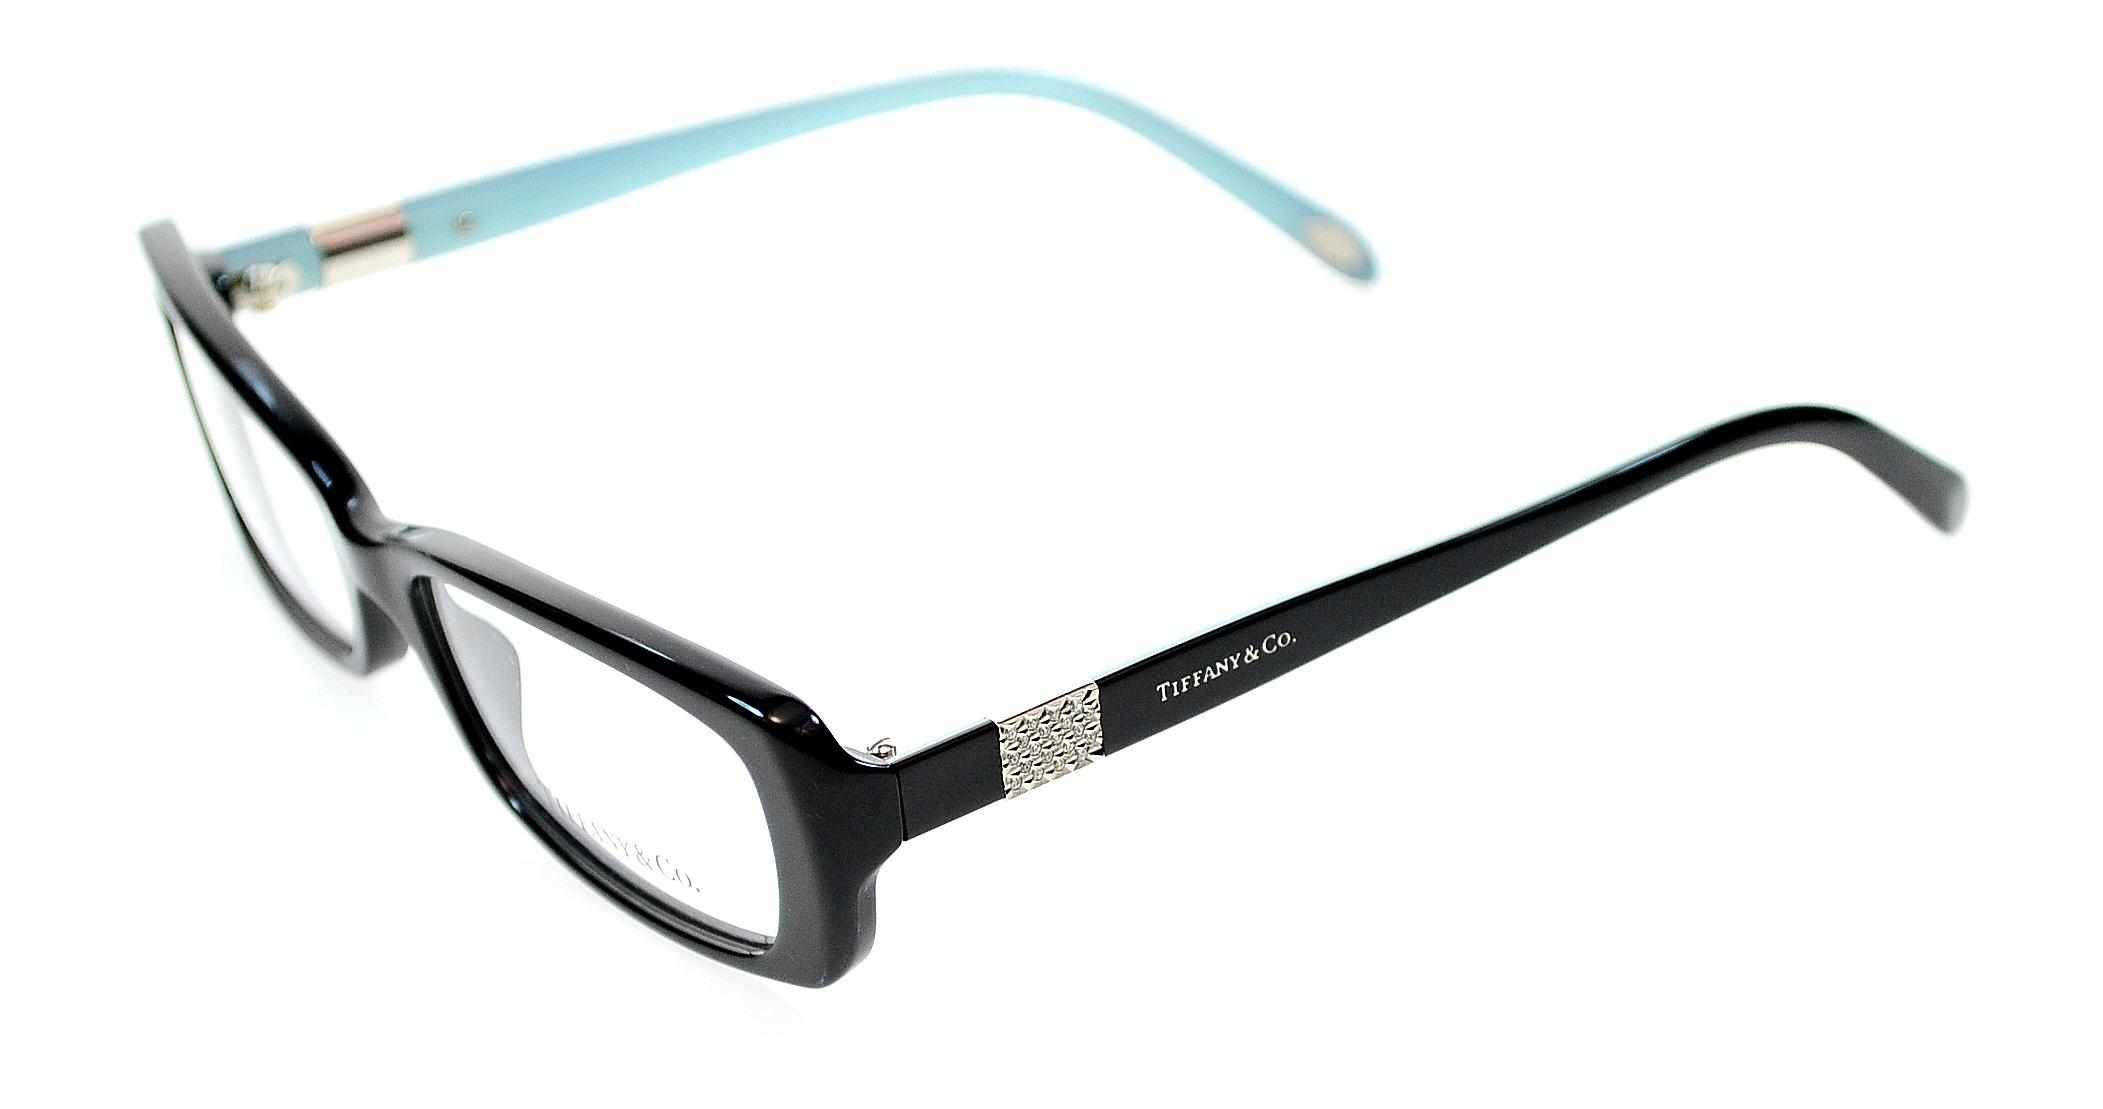 Tiffany Co Womens Eyewear Frames TF2070B 53 mm Black 8001 ...